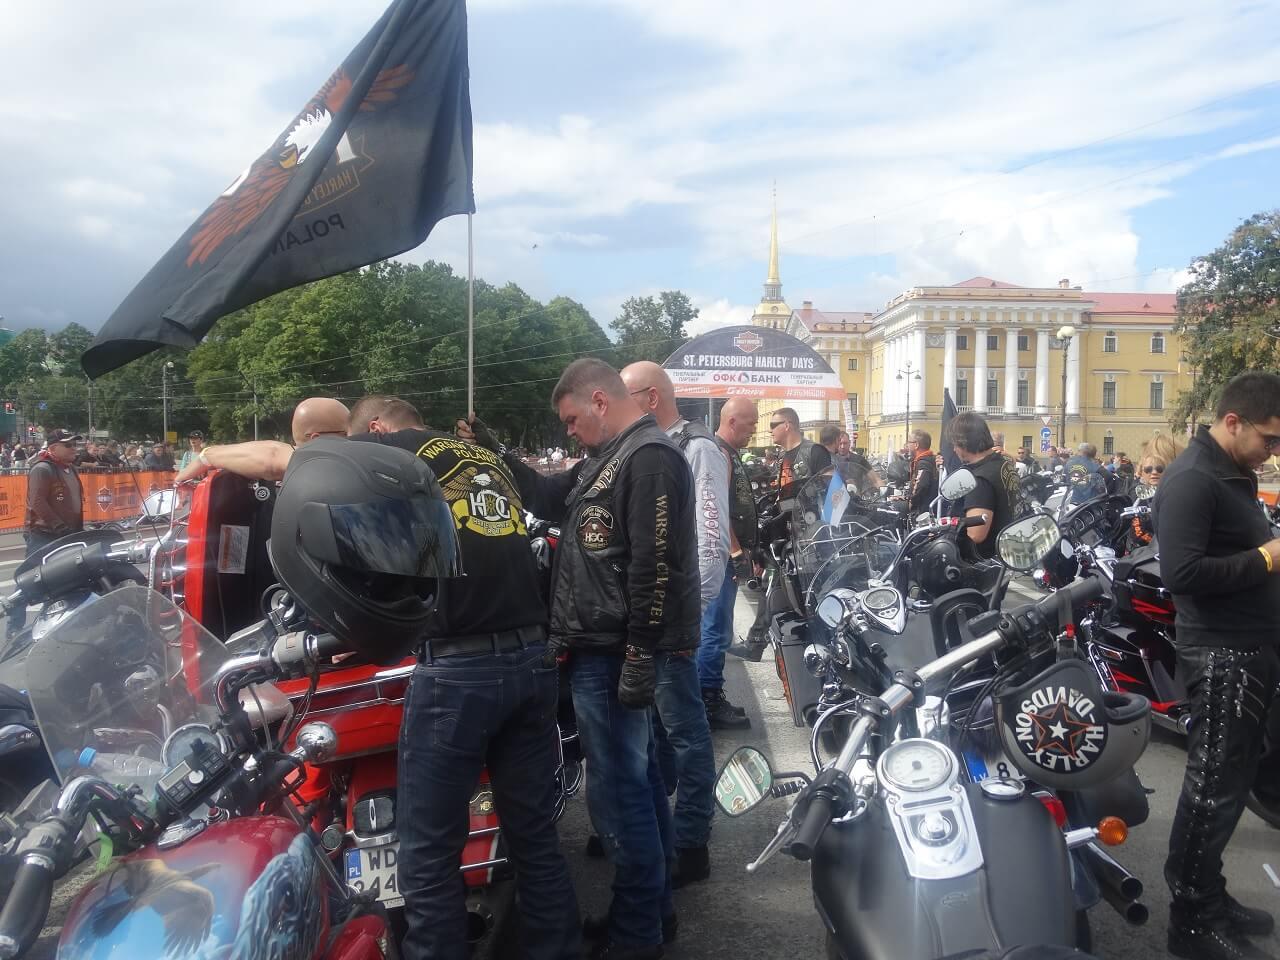 Harley days in Saint-Petersburg